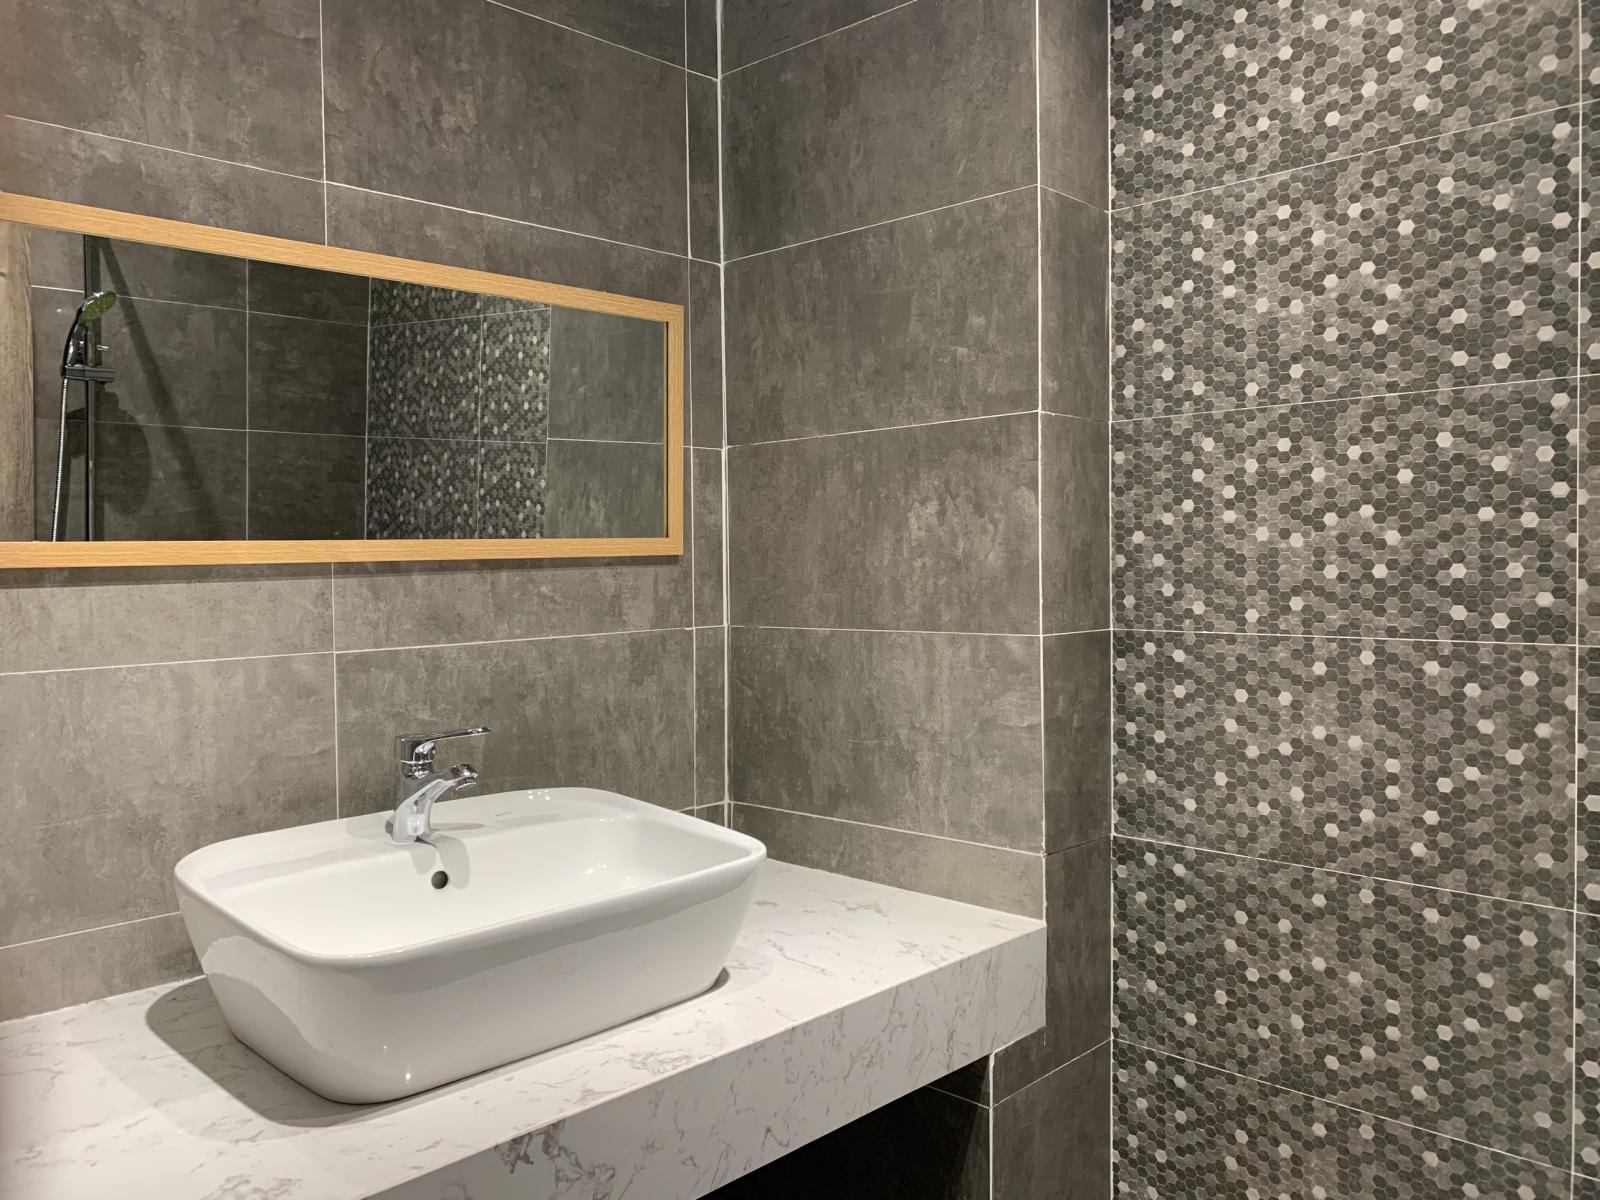 Bồn rửa mặt trong phòng tắm